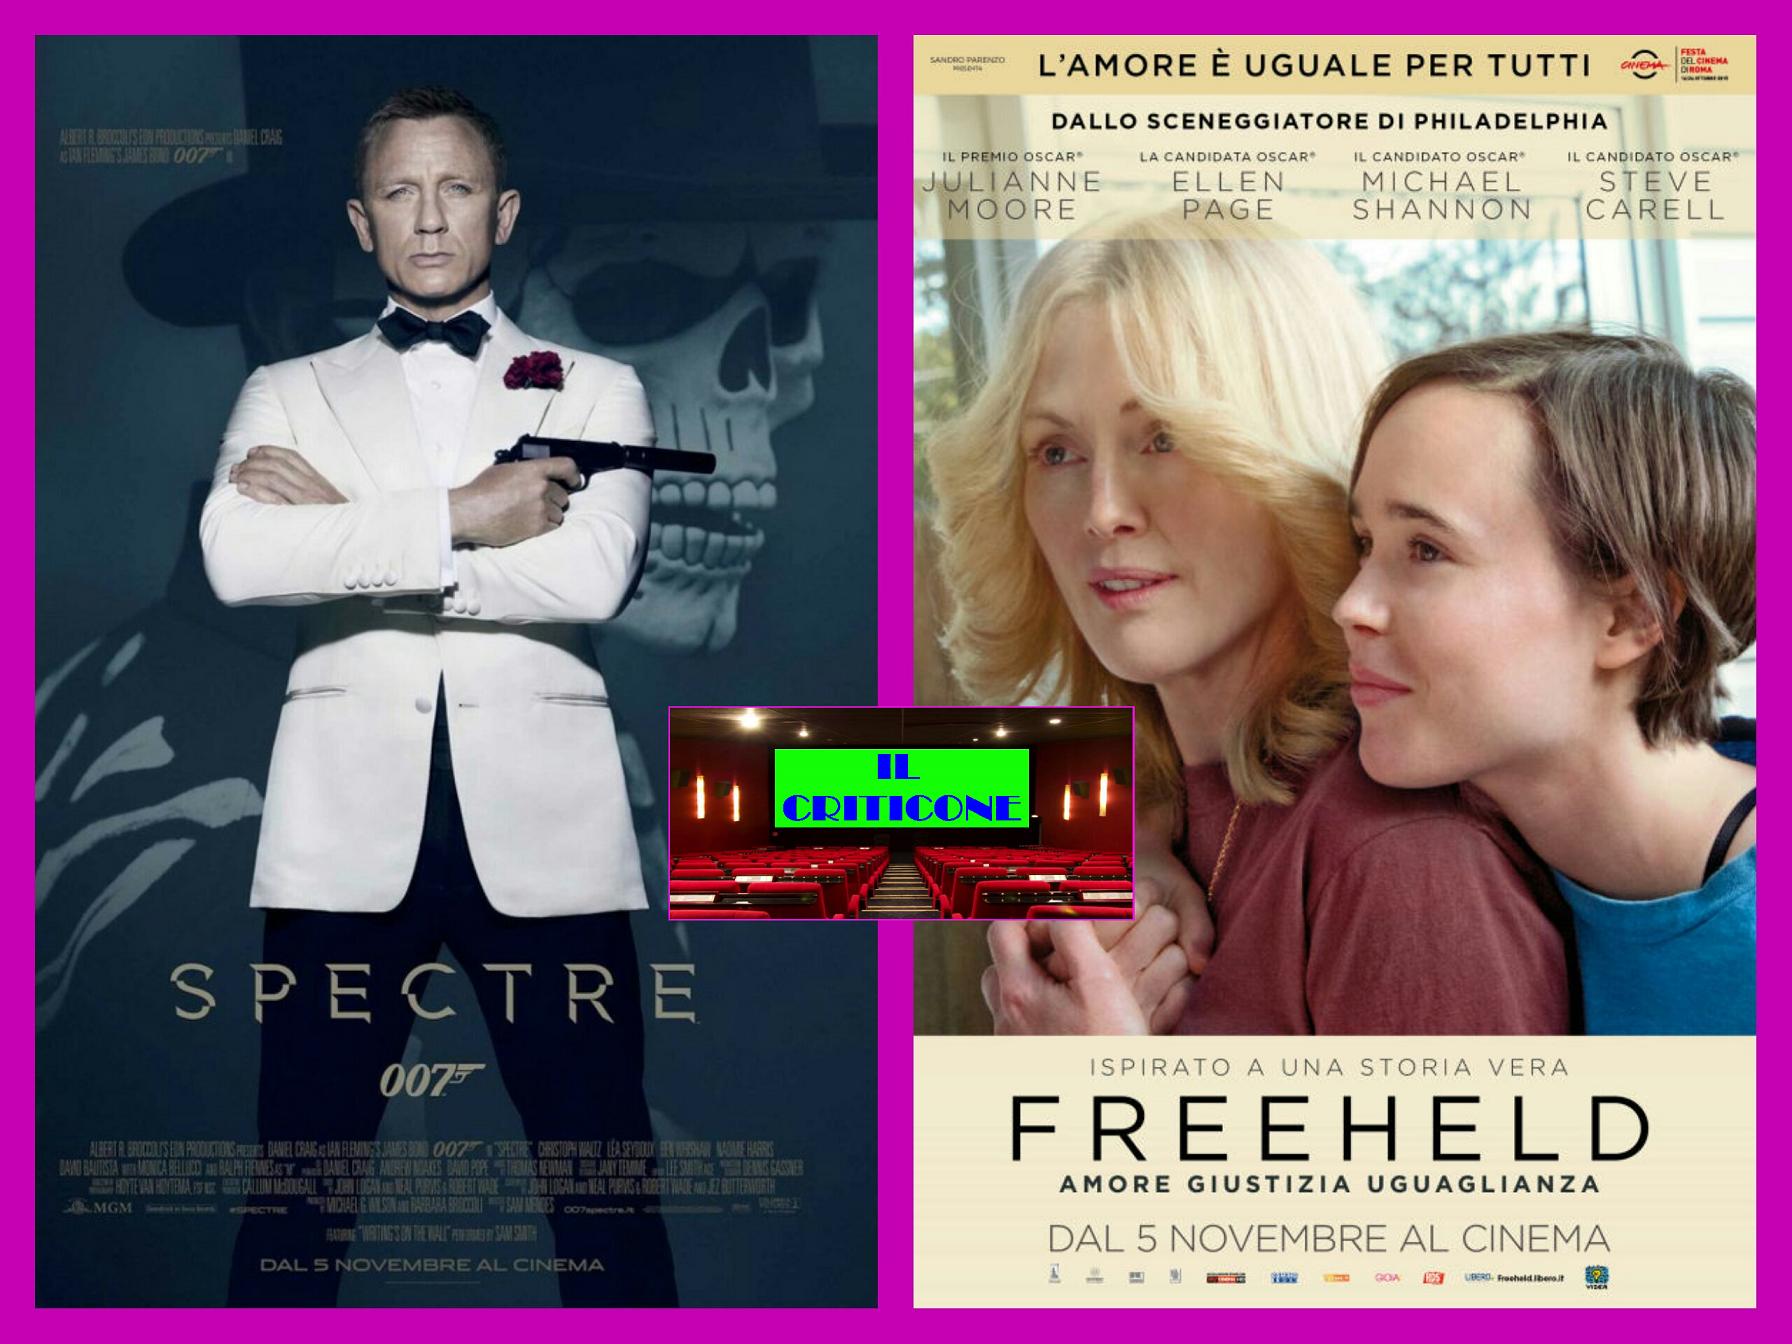 """Ancora una puntata de """"Il Criticone"""". Oggi parliamo dell'attesissimo nuovo film di007 """"Spectre"""" e di """"Freeheld"""", entrambi già visti alla Festa del Cinema di Roma.  SPECTRE Città del […]"""